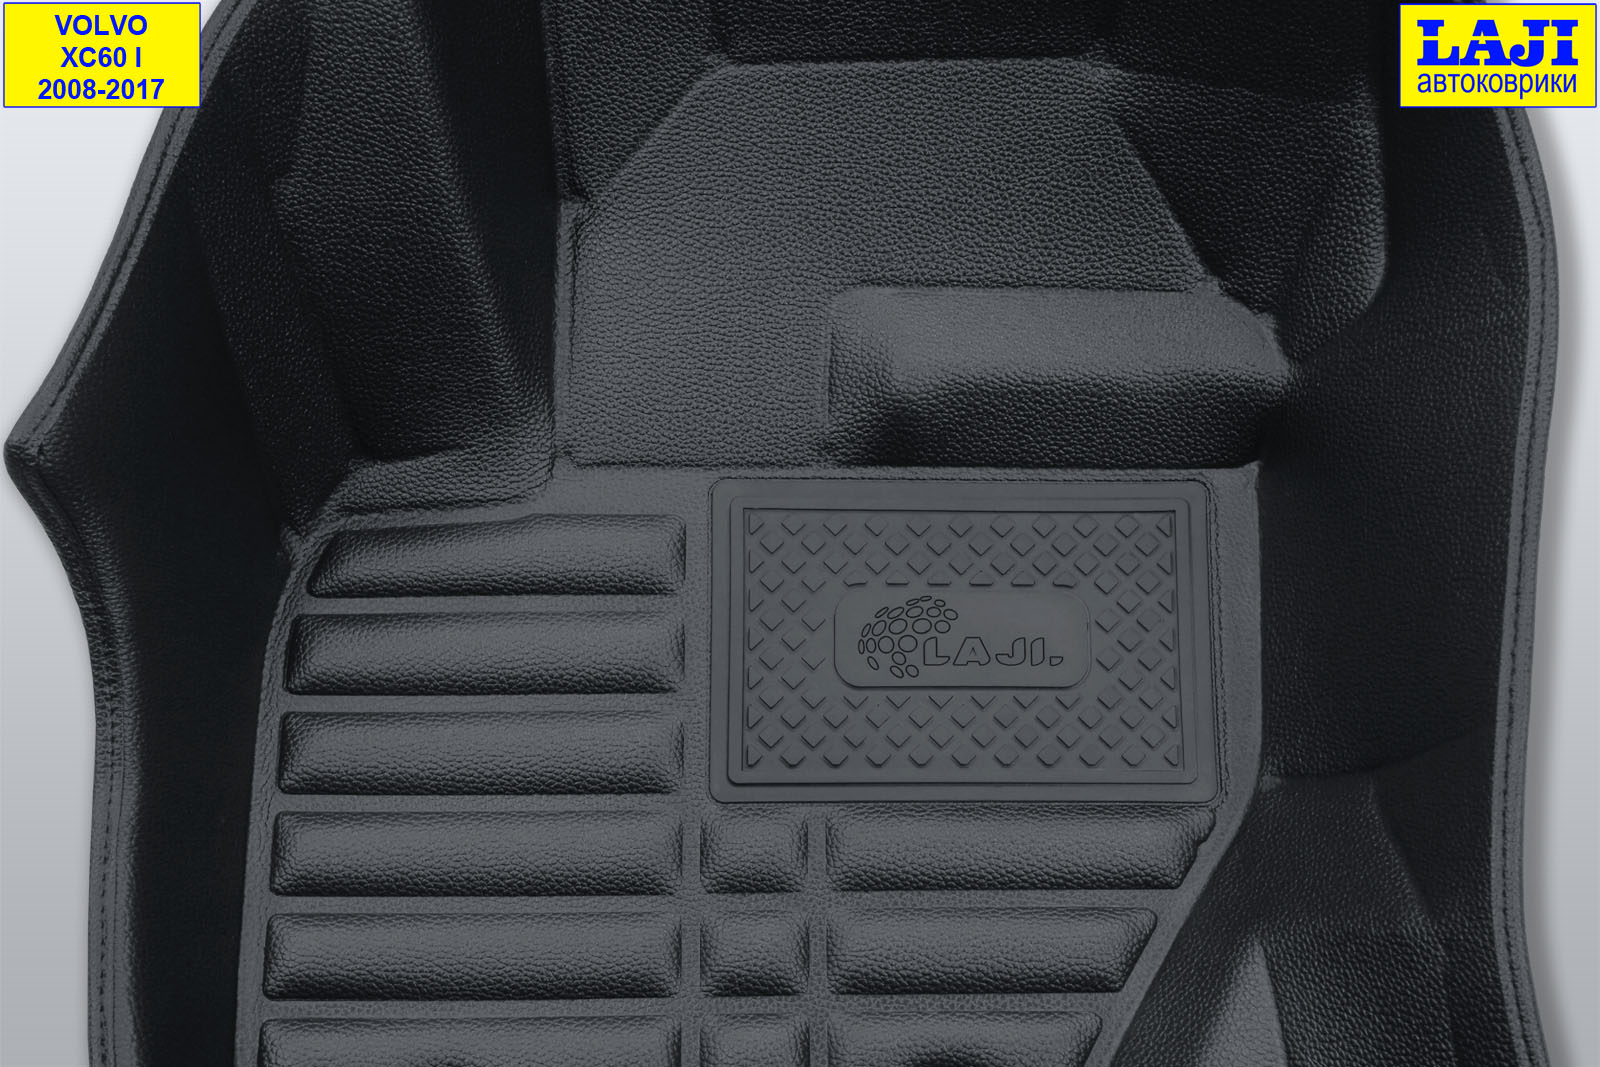 5D коврики в салон Volvo XC60 I 2008-2017 7